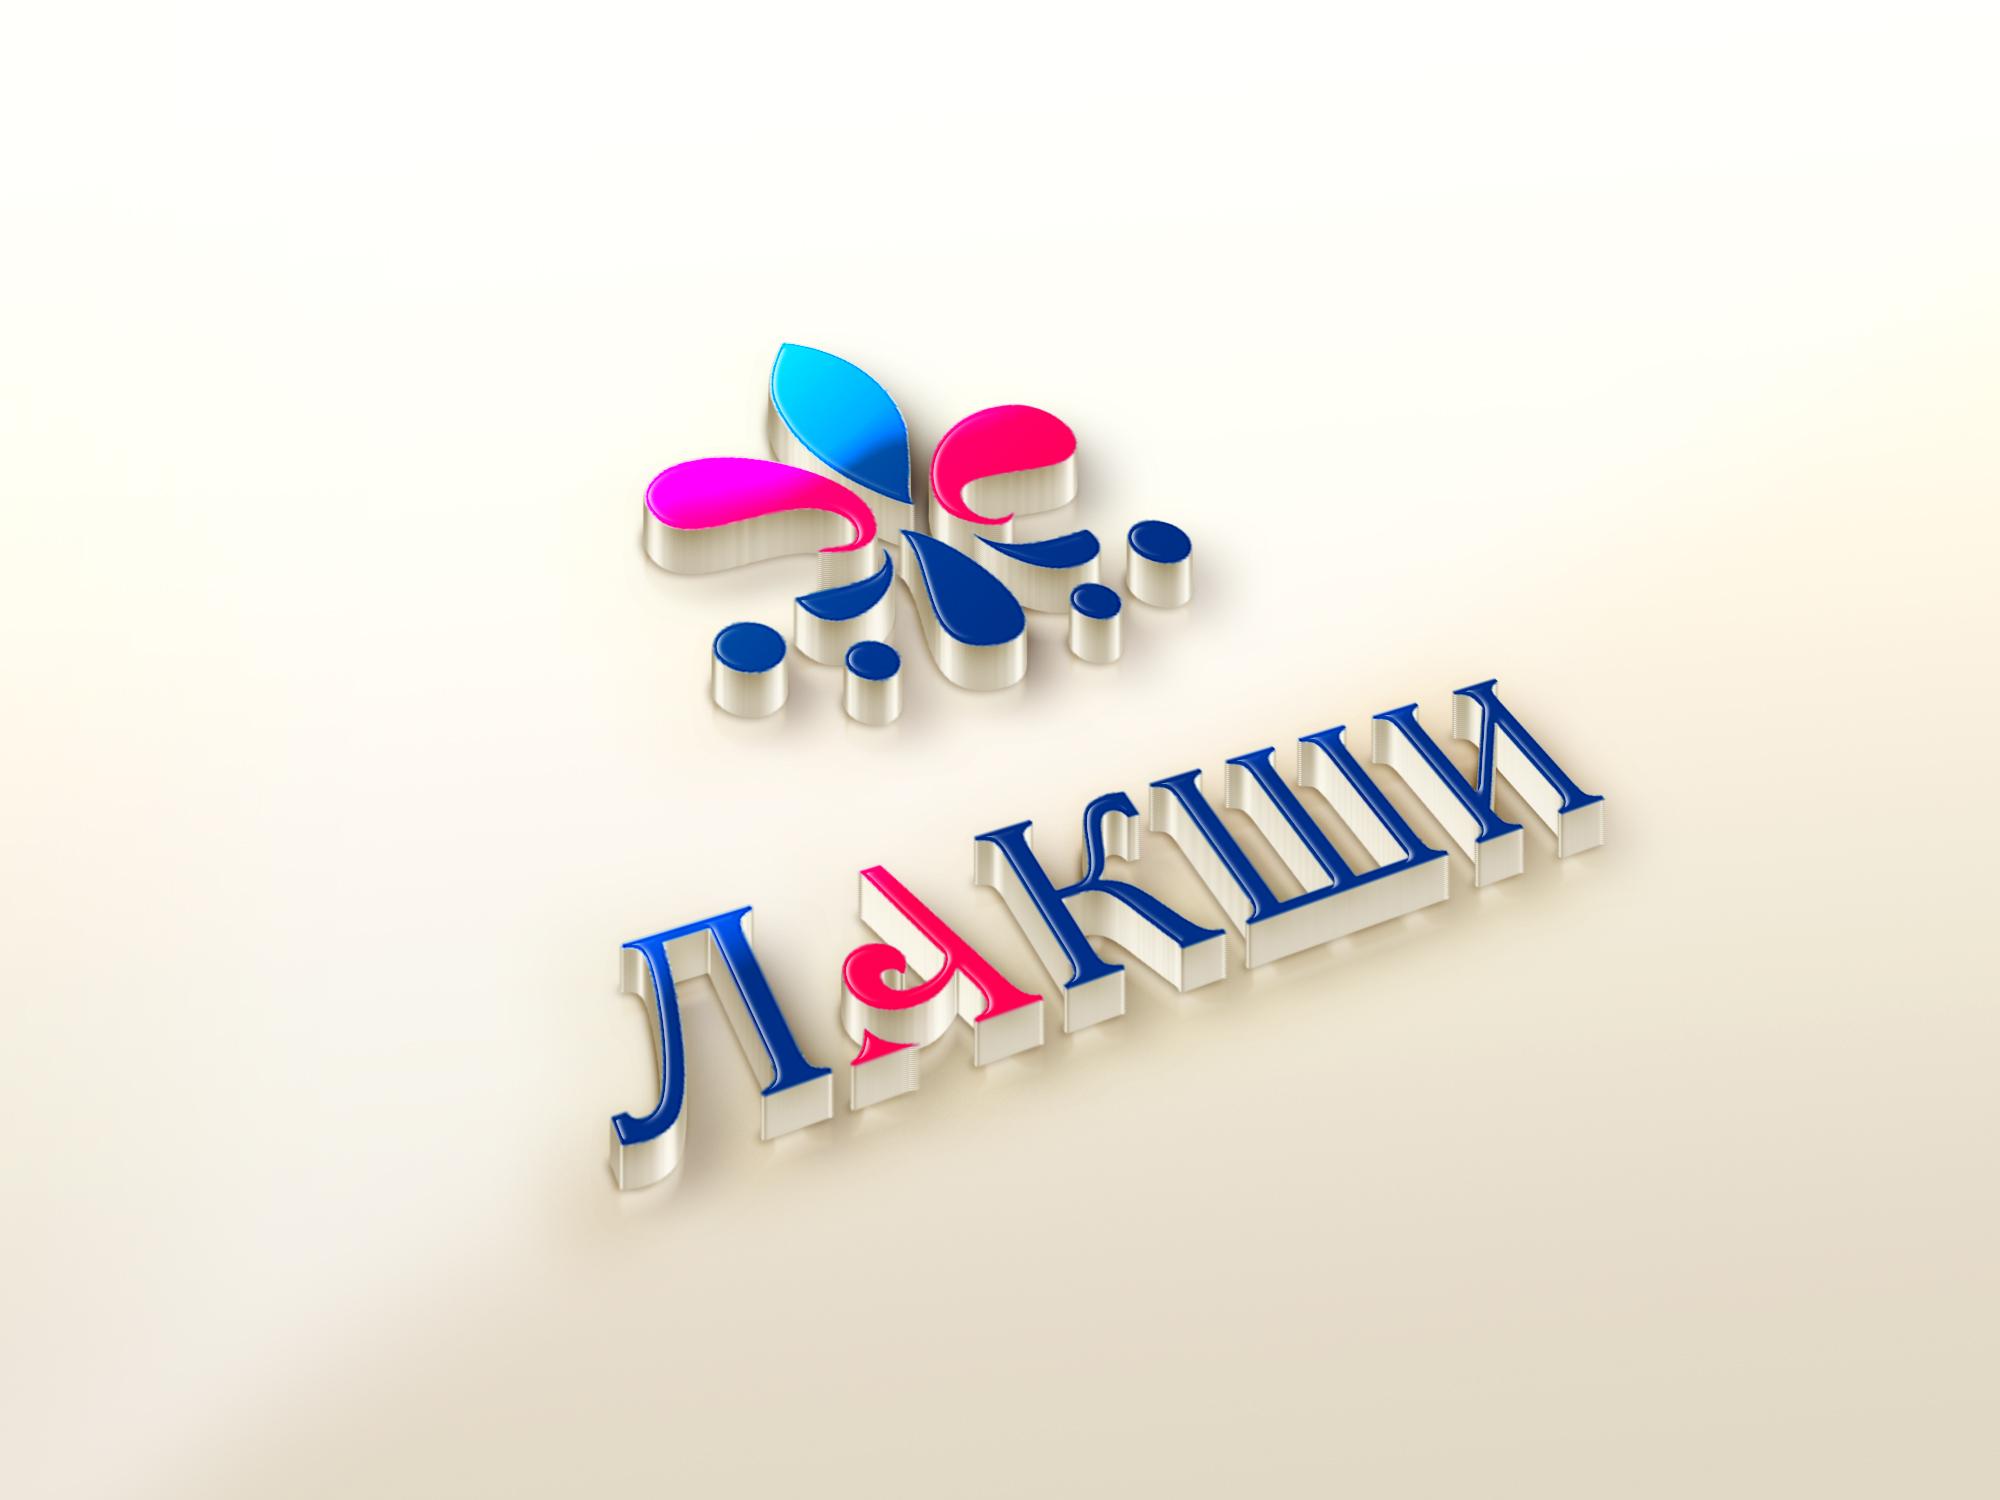 Разработка логотипа фирменного стиля фото f_7645c5caf7b3b727.jpg